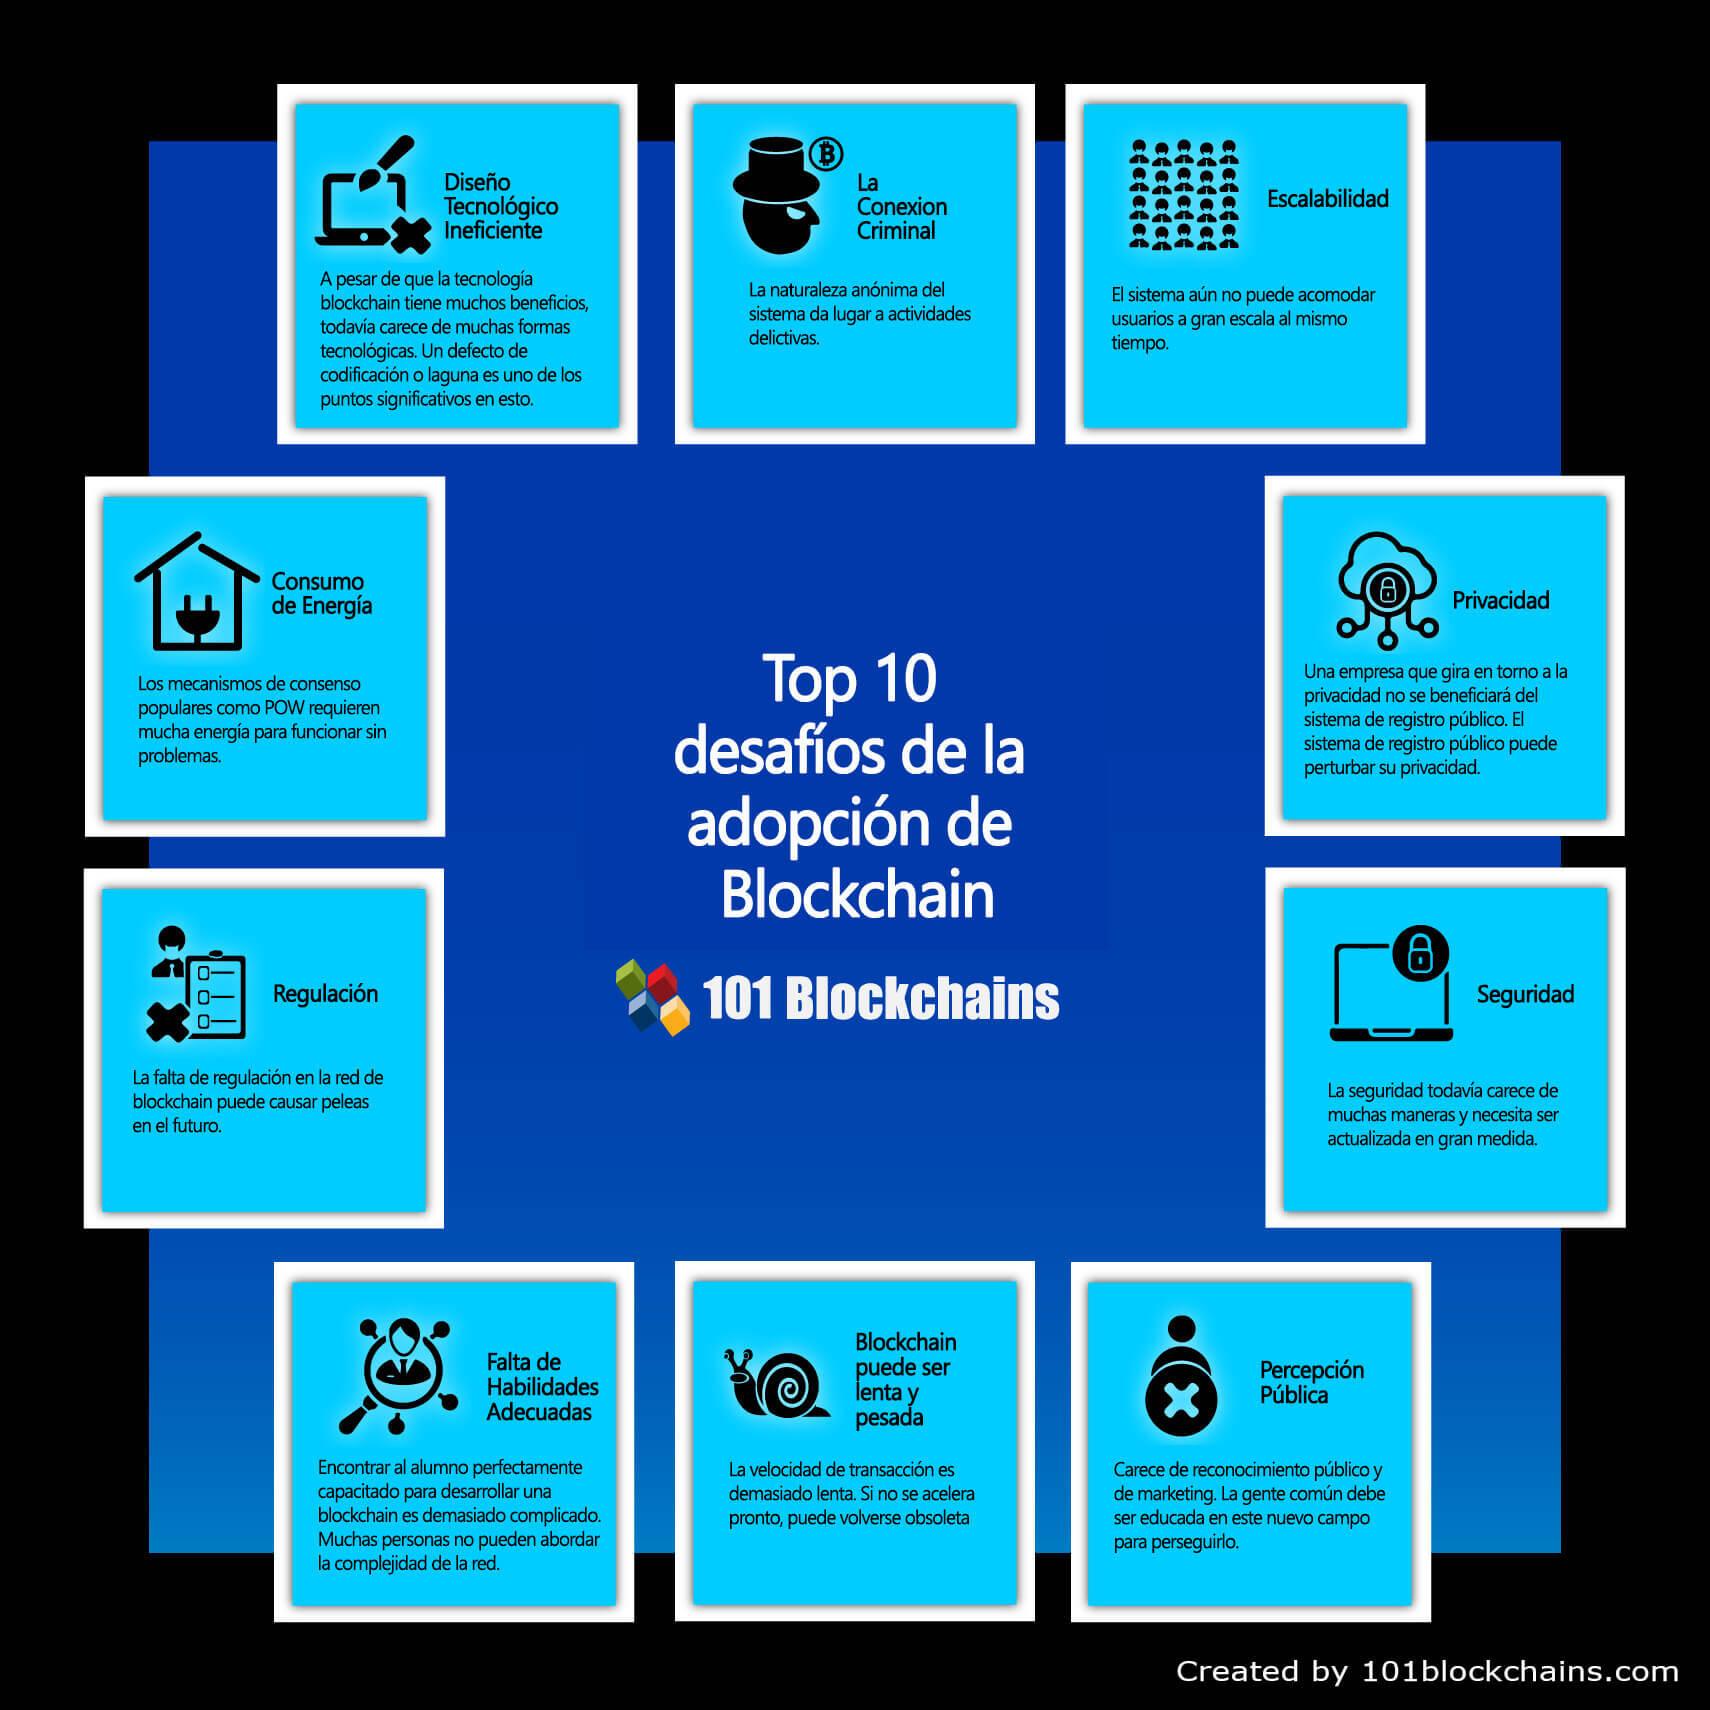 Desafíosde la adopción de blockchain - Infografía